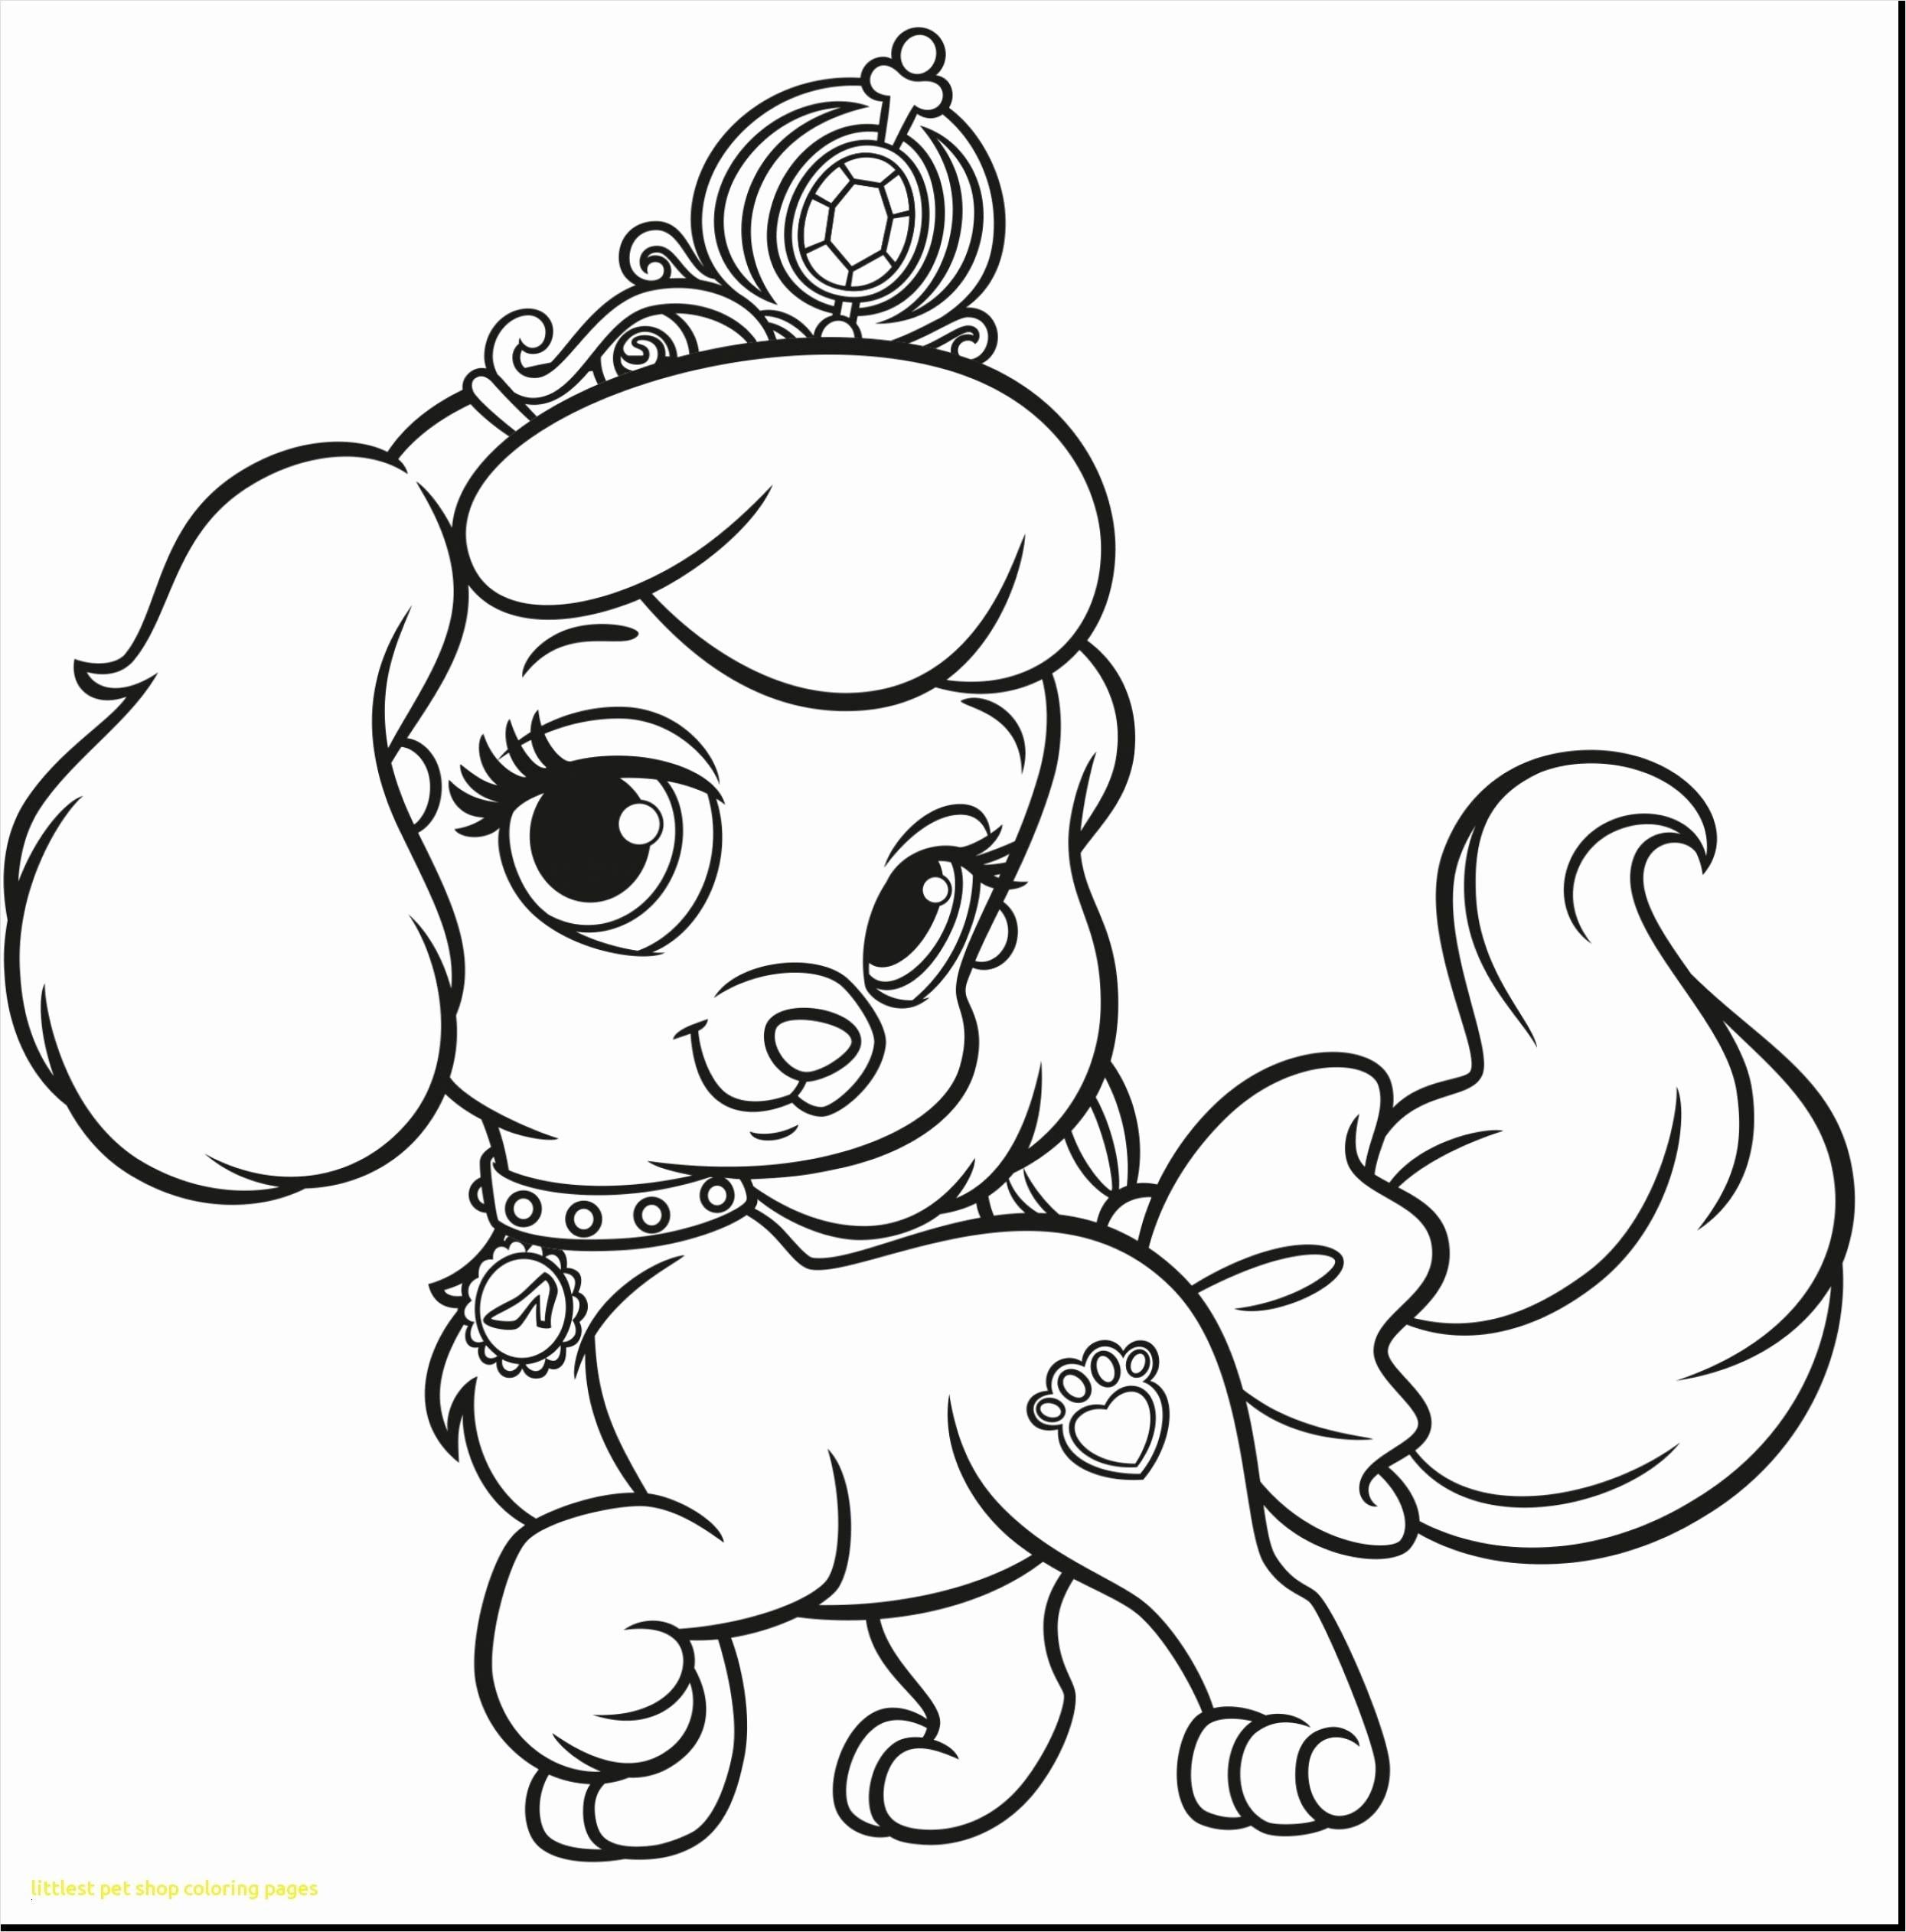 Ausmalbilder Barbie Meerjungfrau Frisch 35 Mops Ausmalbilder Scoredatscore Luxus Hund Ausmalbilder Elegant Das Bild